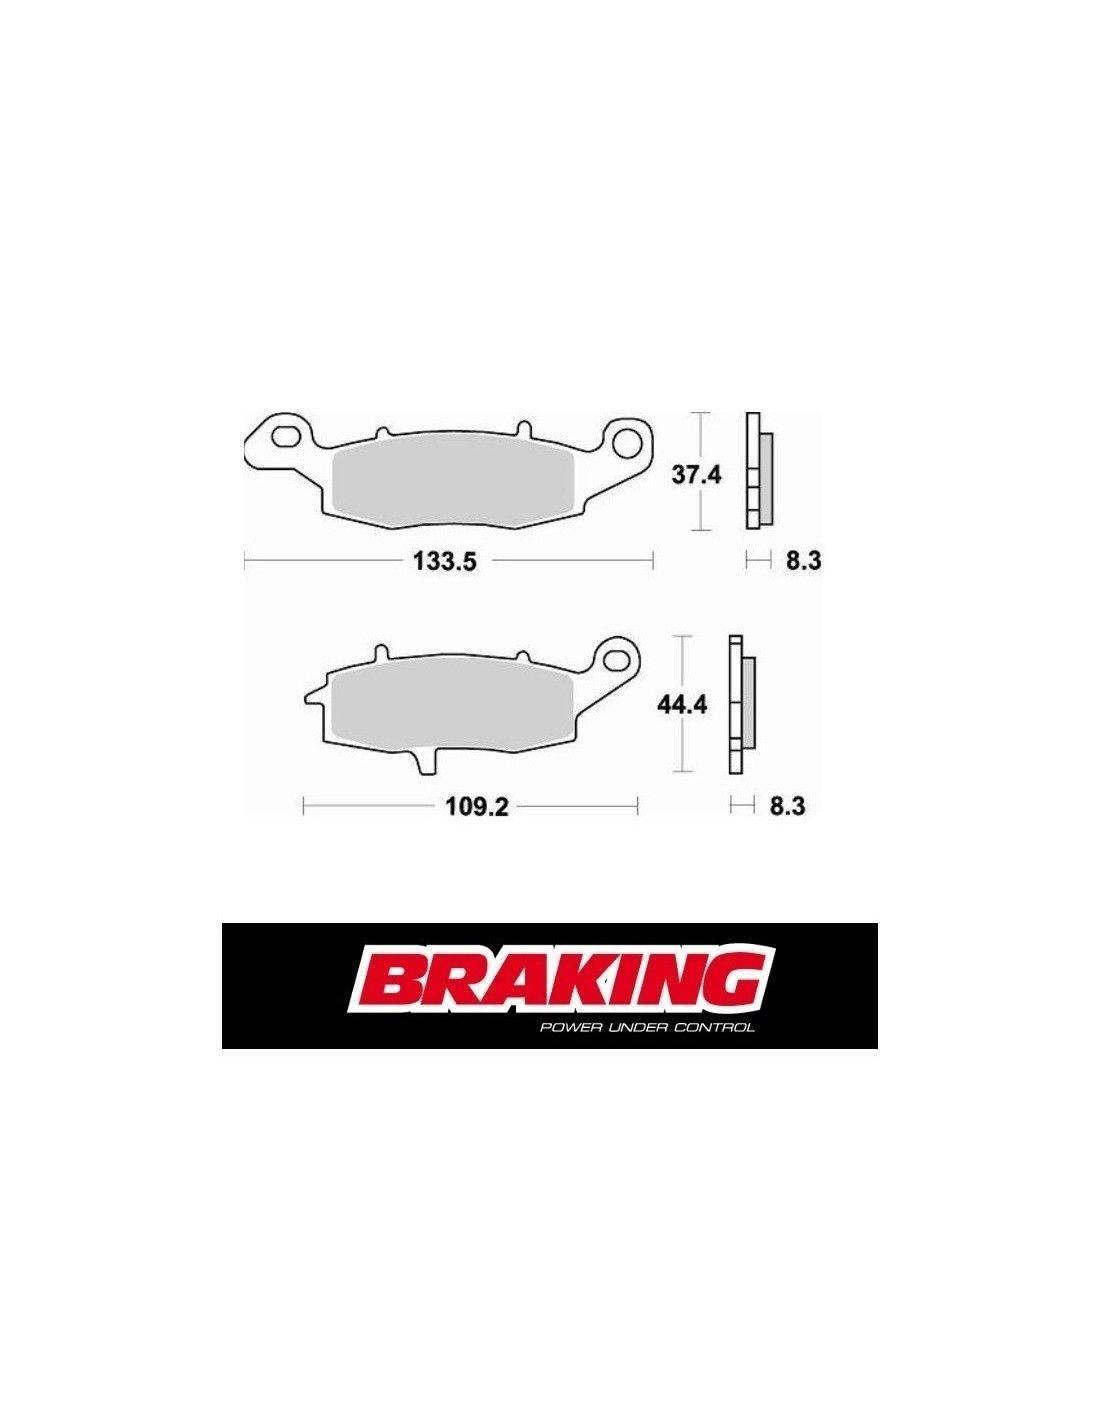 Braking Motorcycles Brake Pads Suzuki Vl 800 Lc Intruder